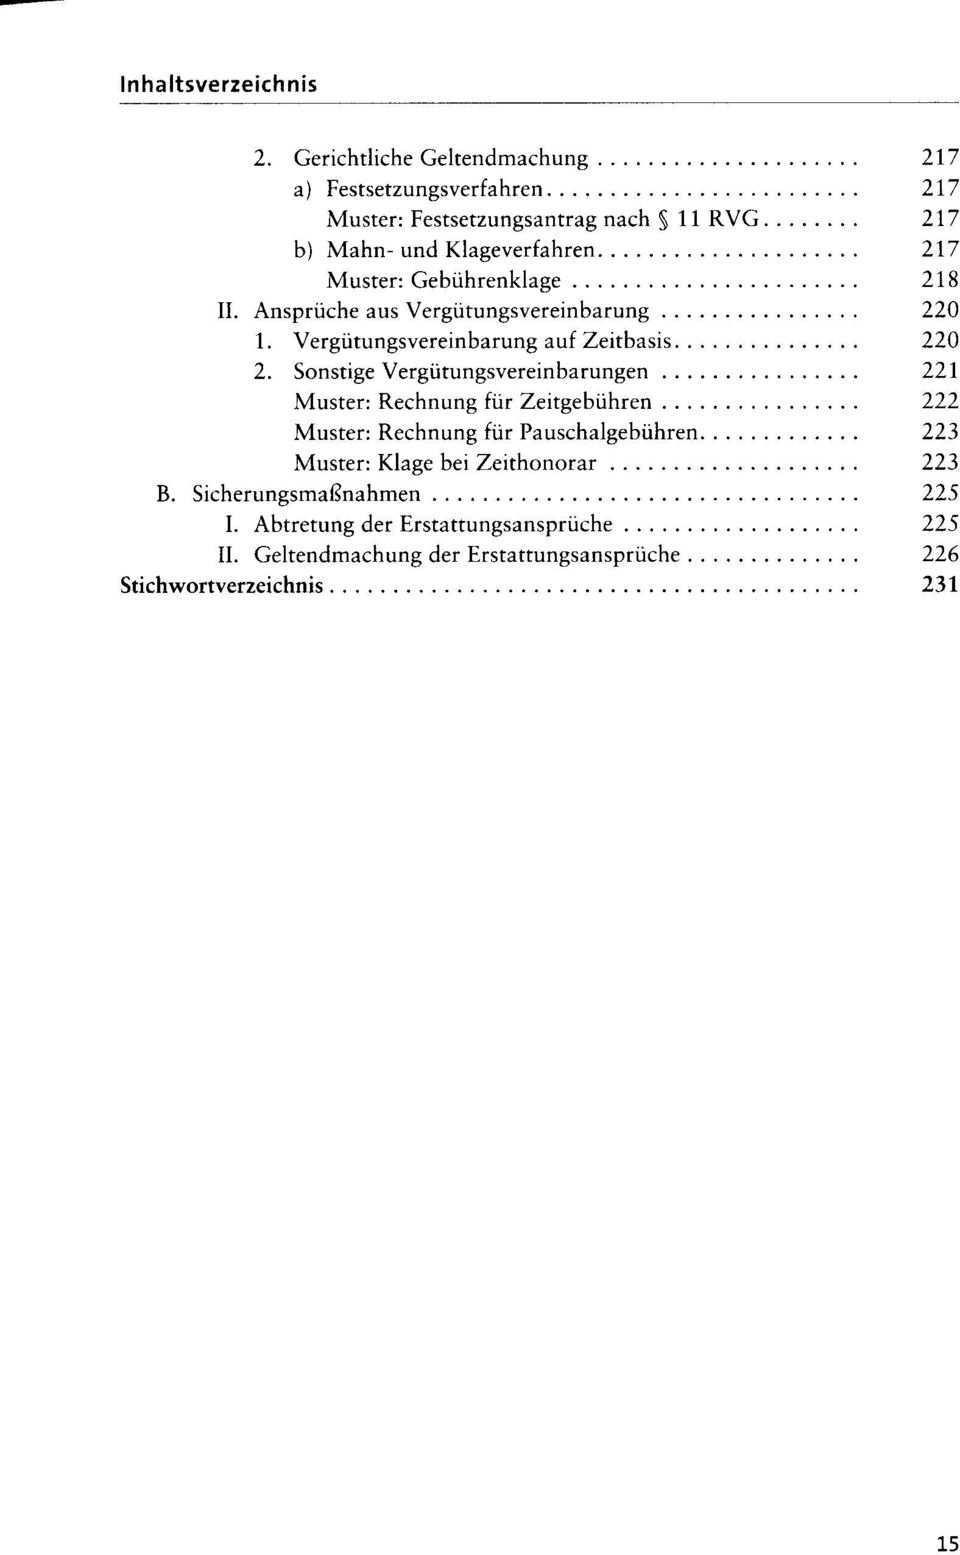 Mit Mandanten Dirk Hinne Rechtsanwalt Und Fachanwalt Fur Versicherungsrecht Und Fur Medizinrecht Dortmund Dr Hans Klees Pdf Free Download